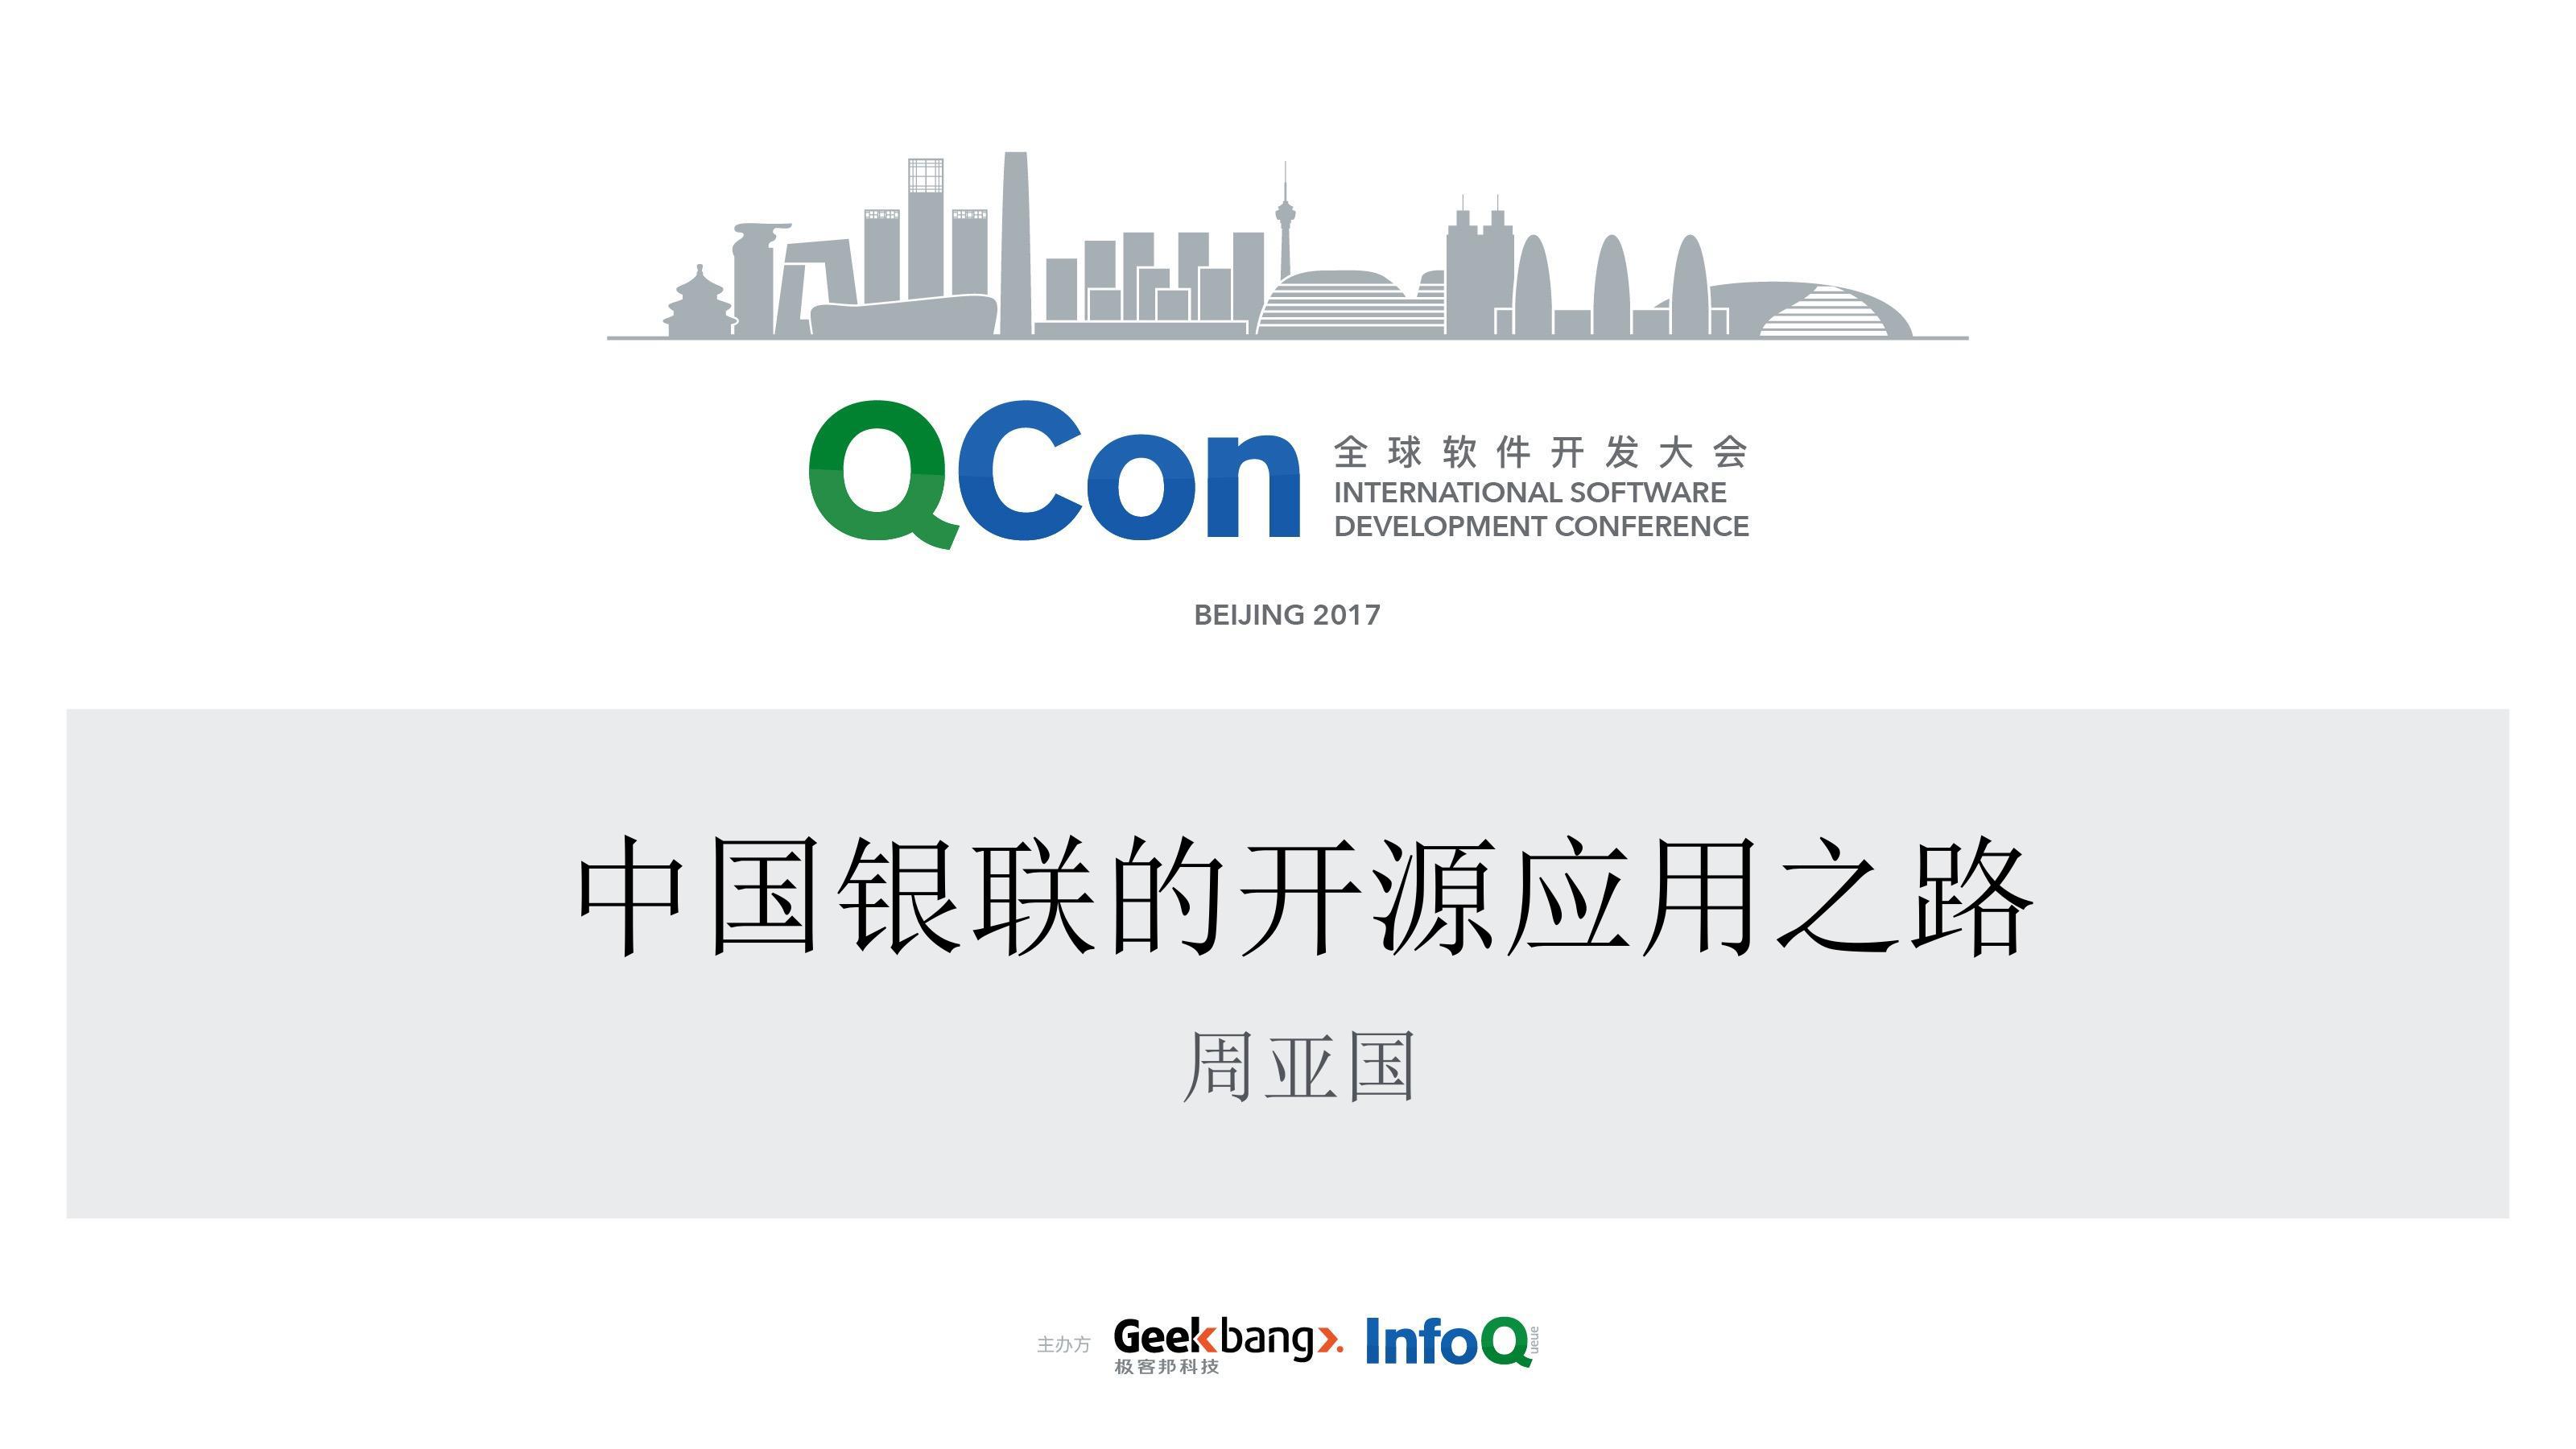 周亚国-中国银联的开源应用之路